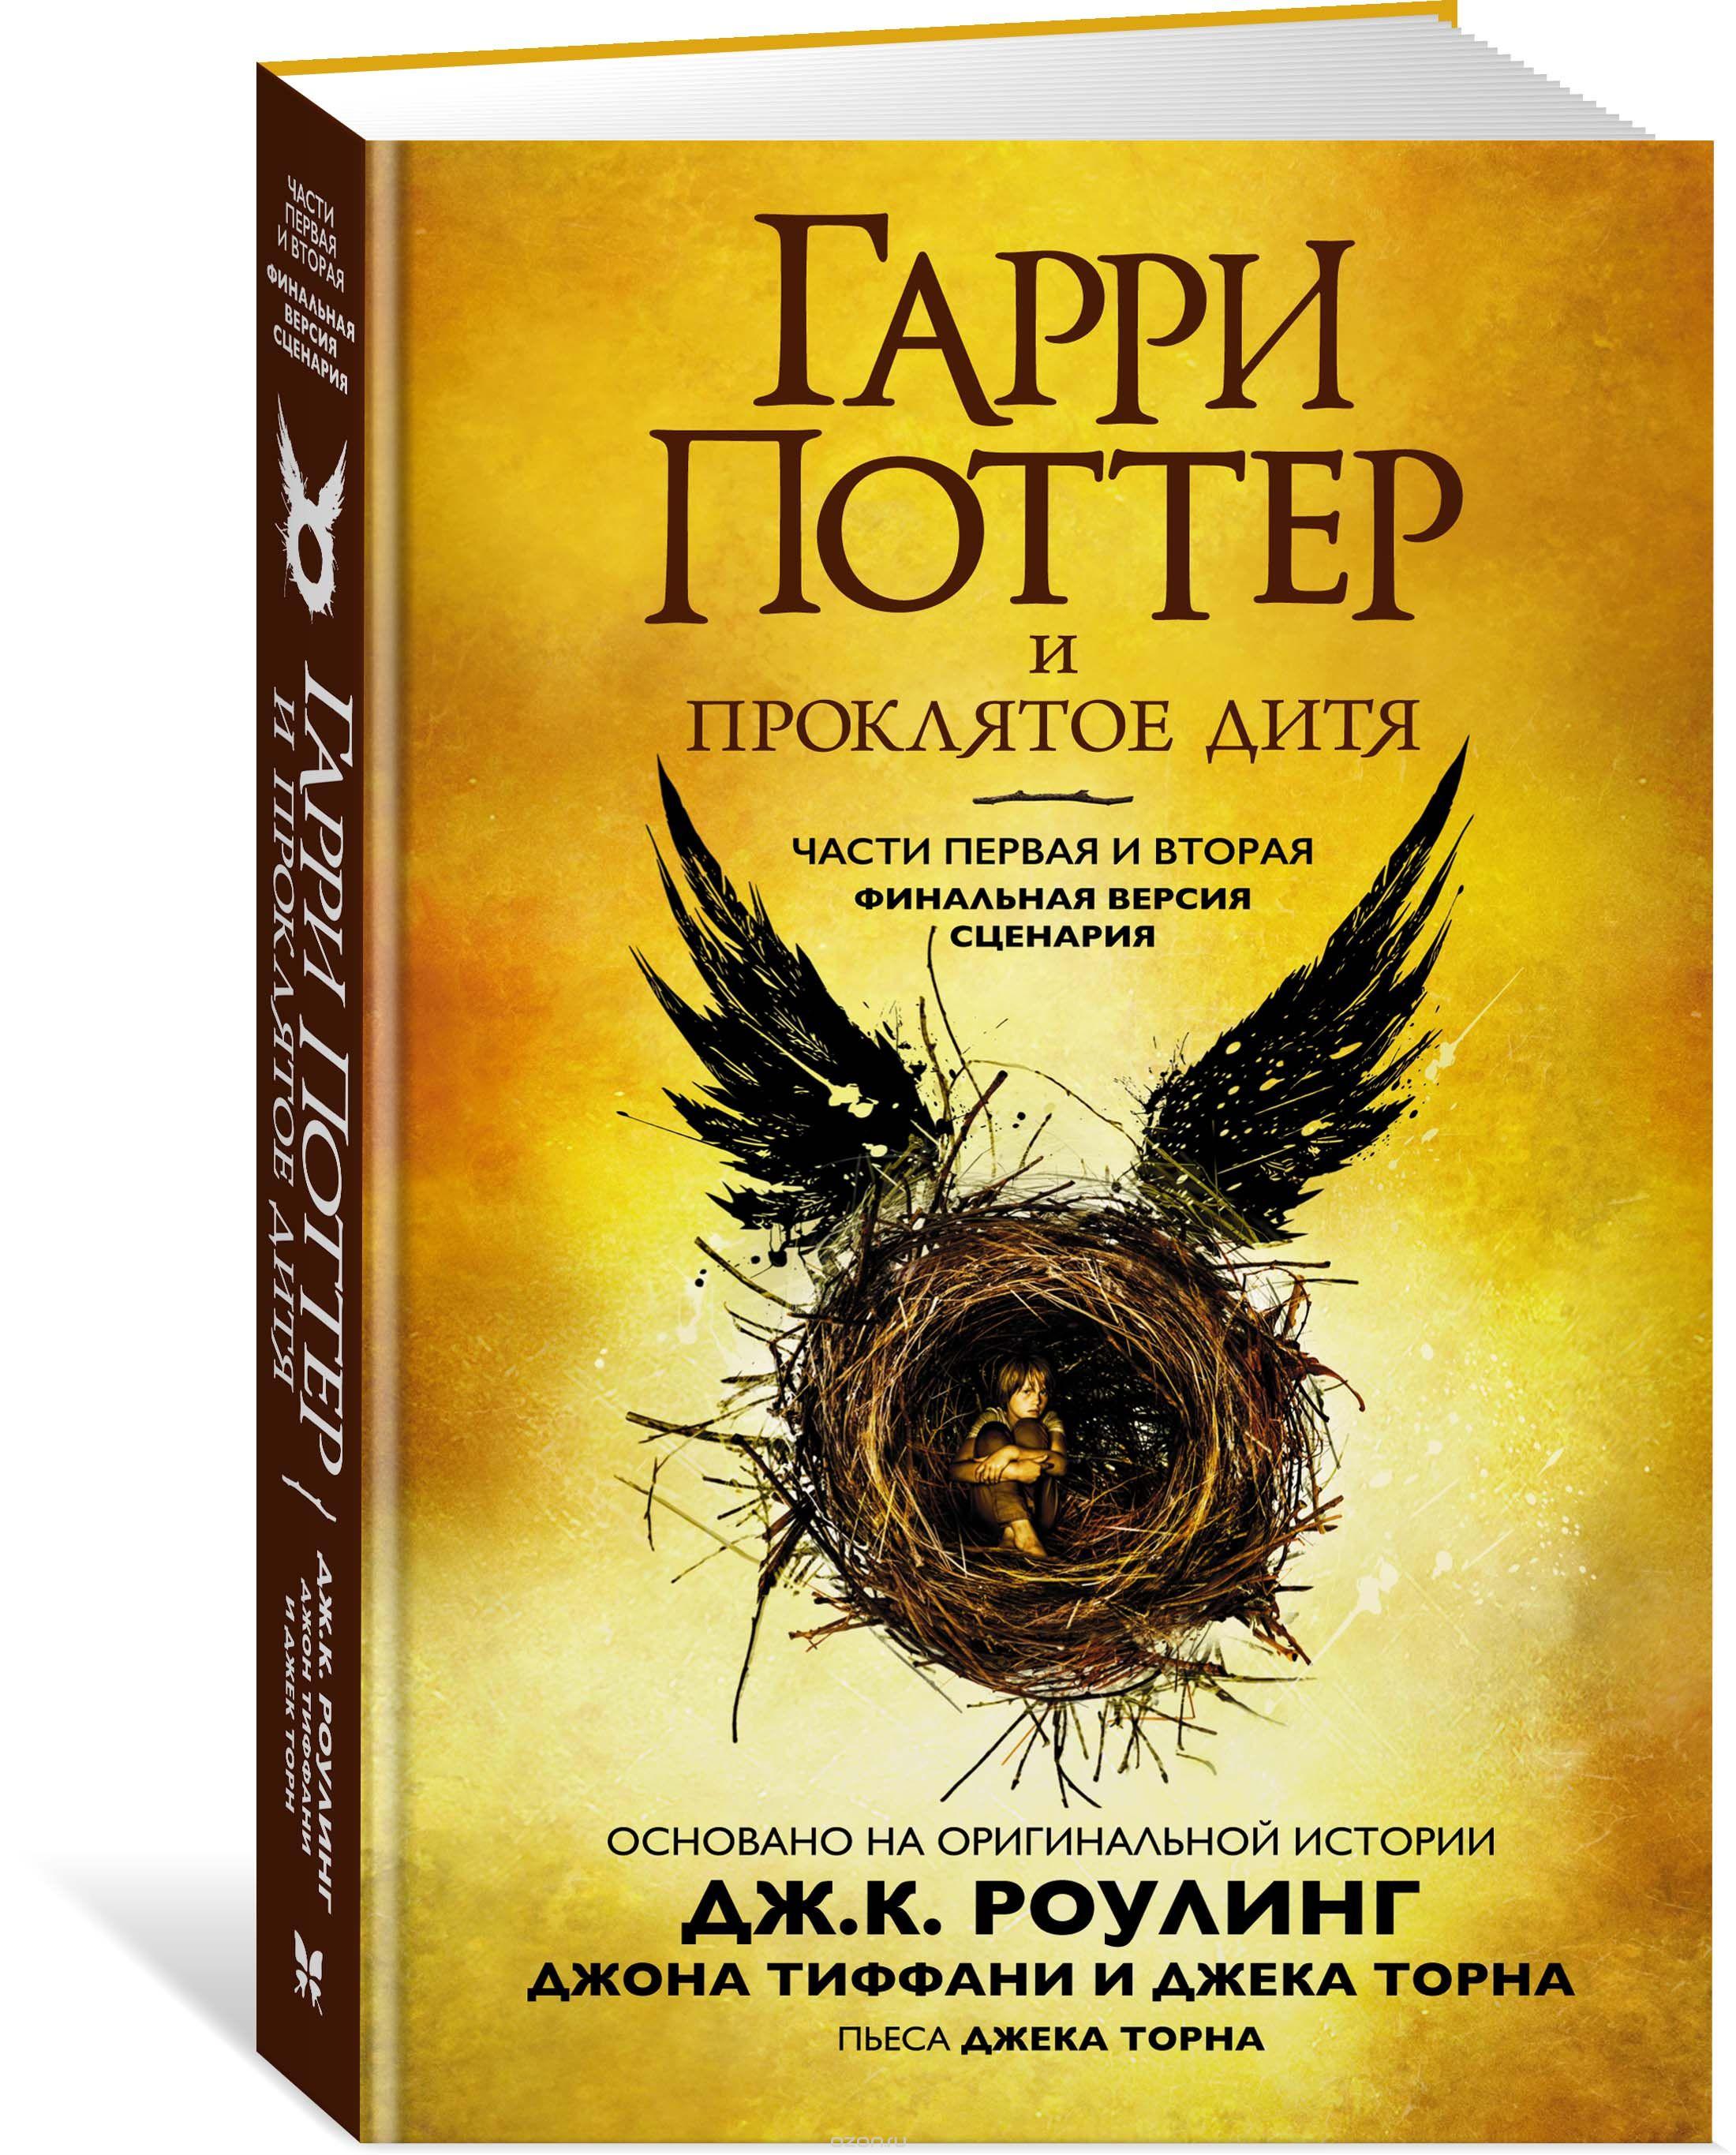 Книга на русском языке «Гарри Поттер и Проклятое дитя. Ч. 1 и 2. Финальная версия сценария»